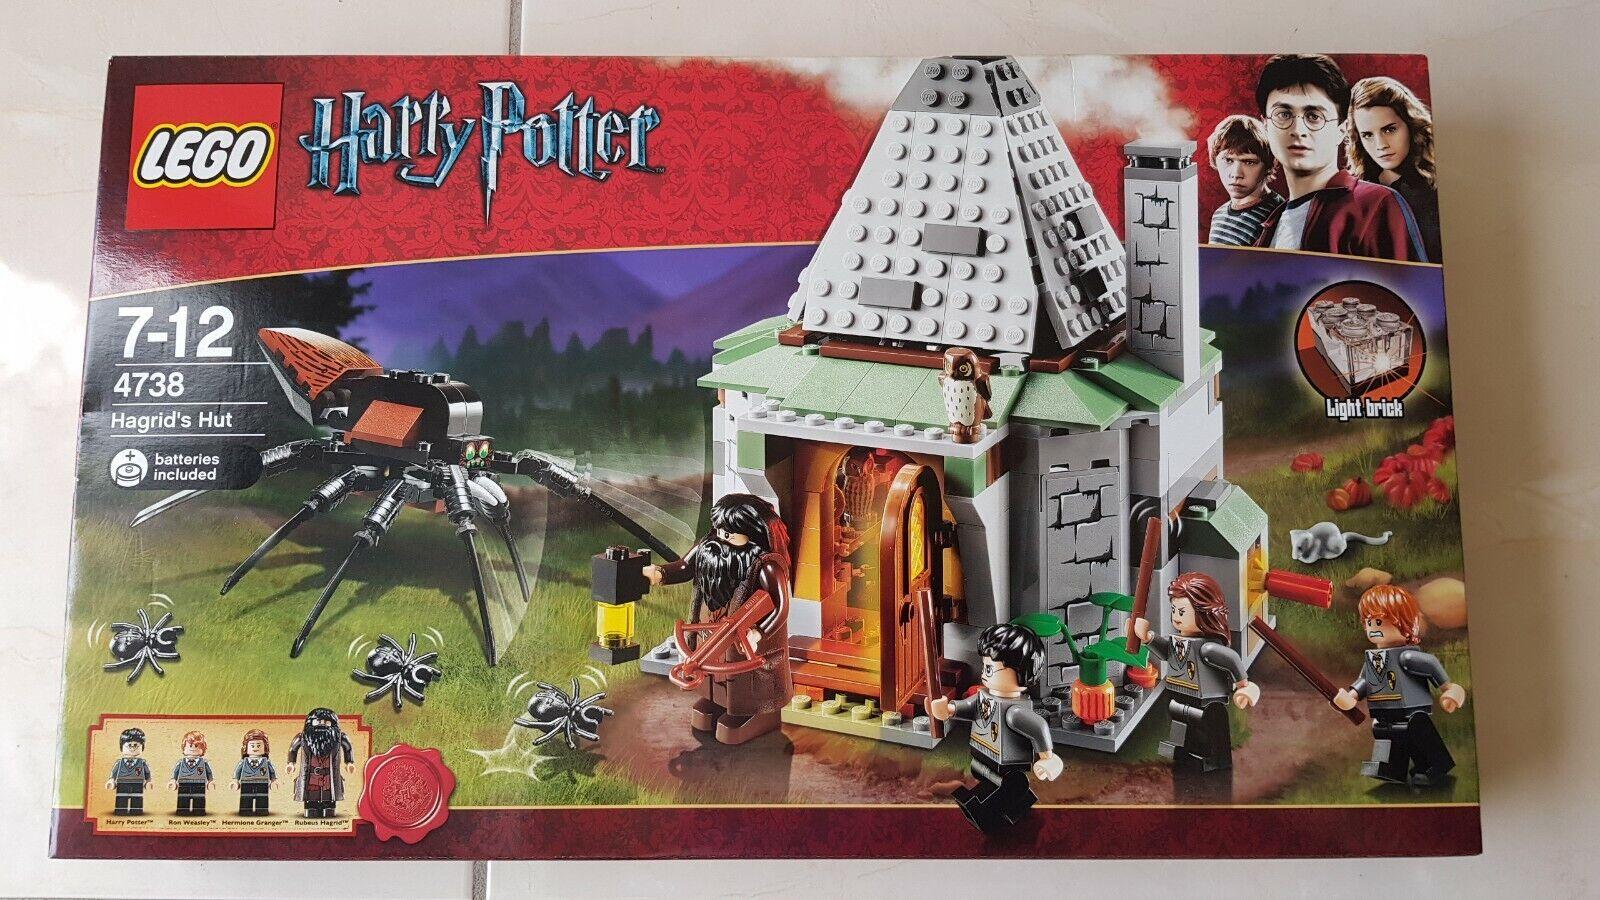 Lego 4738 Harry Potter  Hagrid's Hut - Brand nouveau In Box - Rare Retirouge Set  présentant toutes les dernières mode de la rue haute